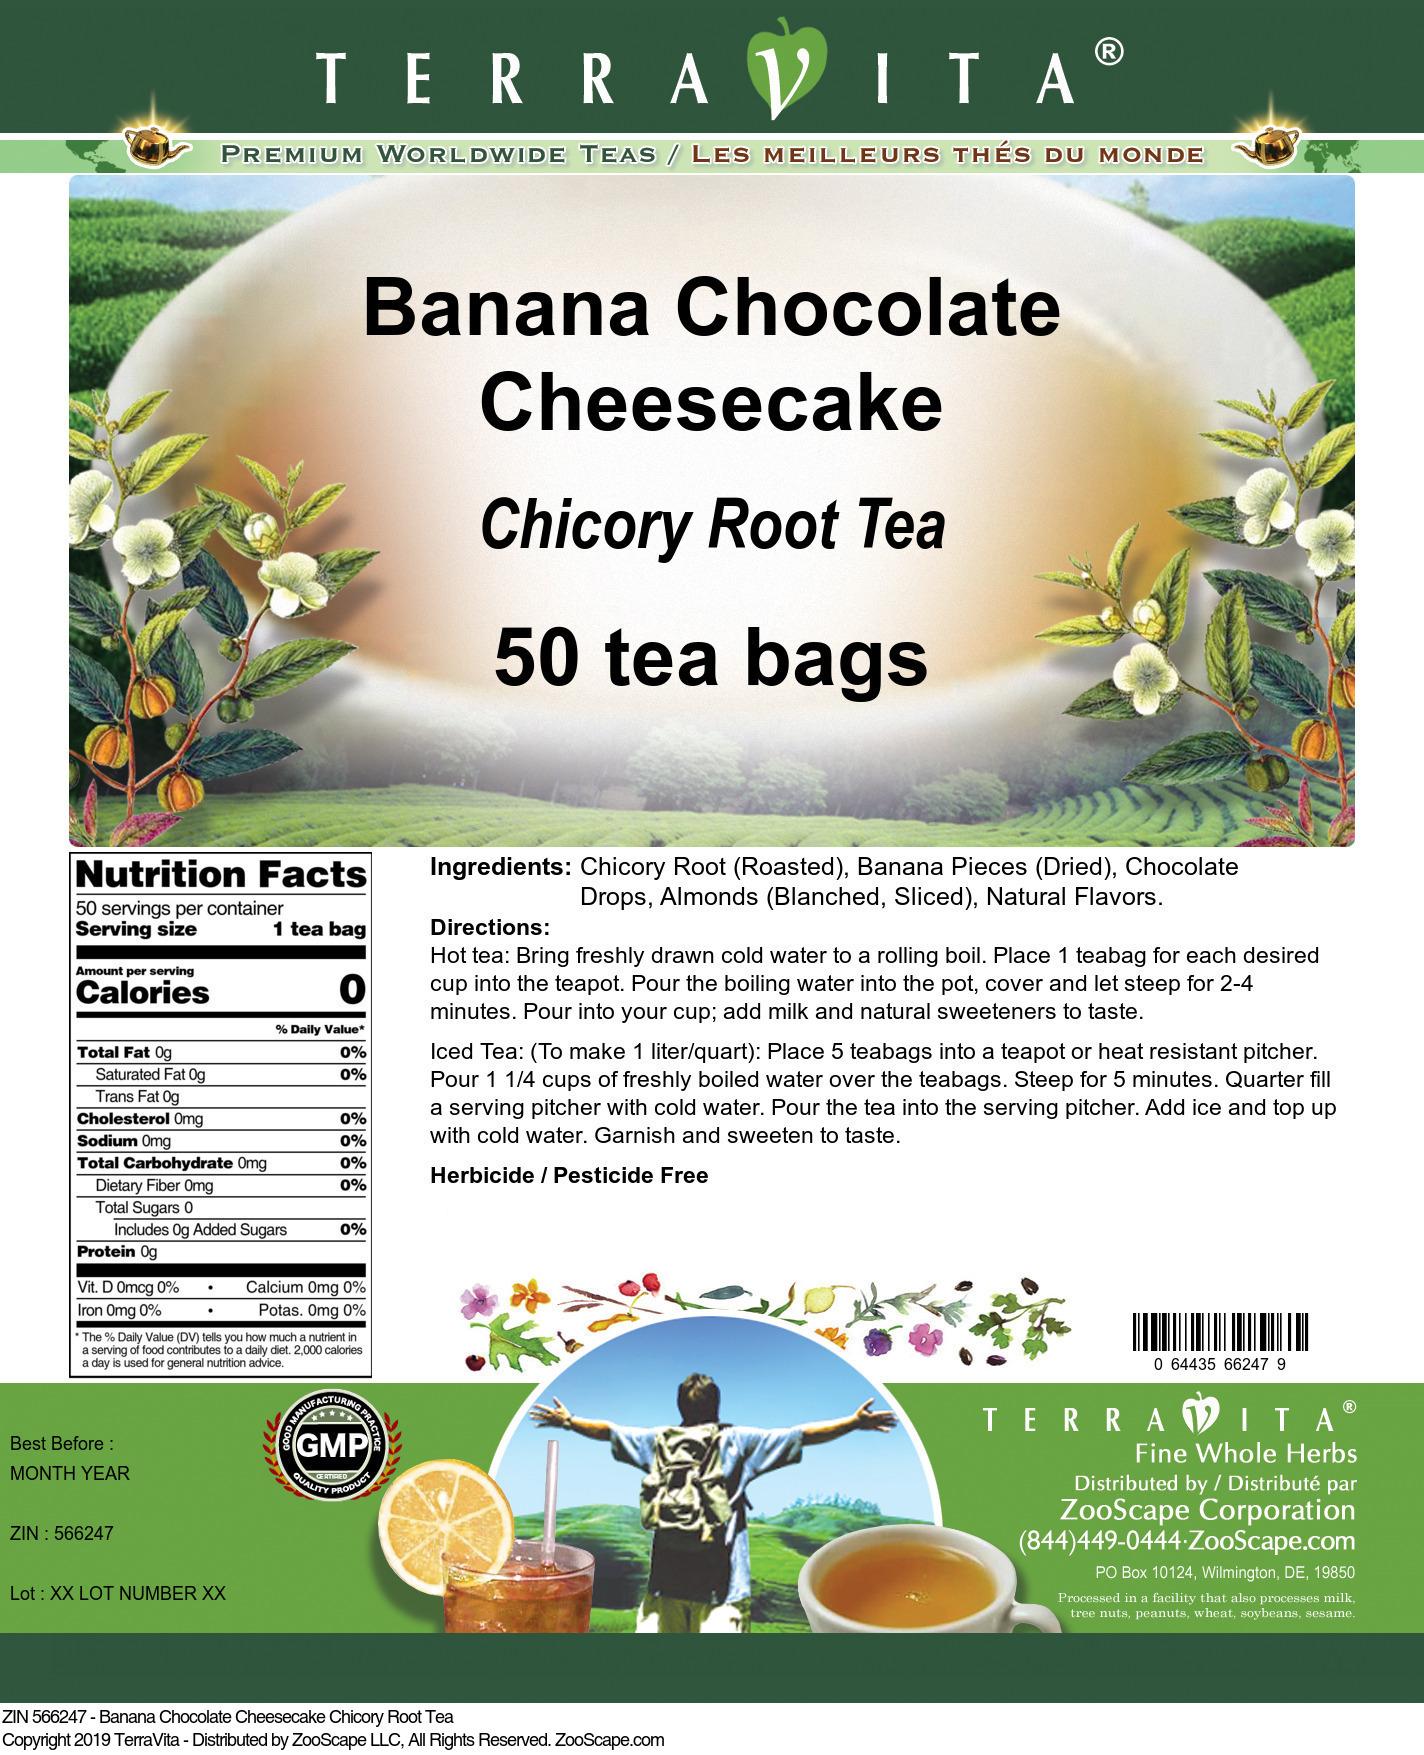 Banana Chocolate Cheesecake Chicory Root